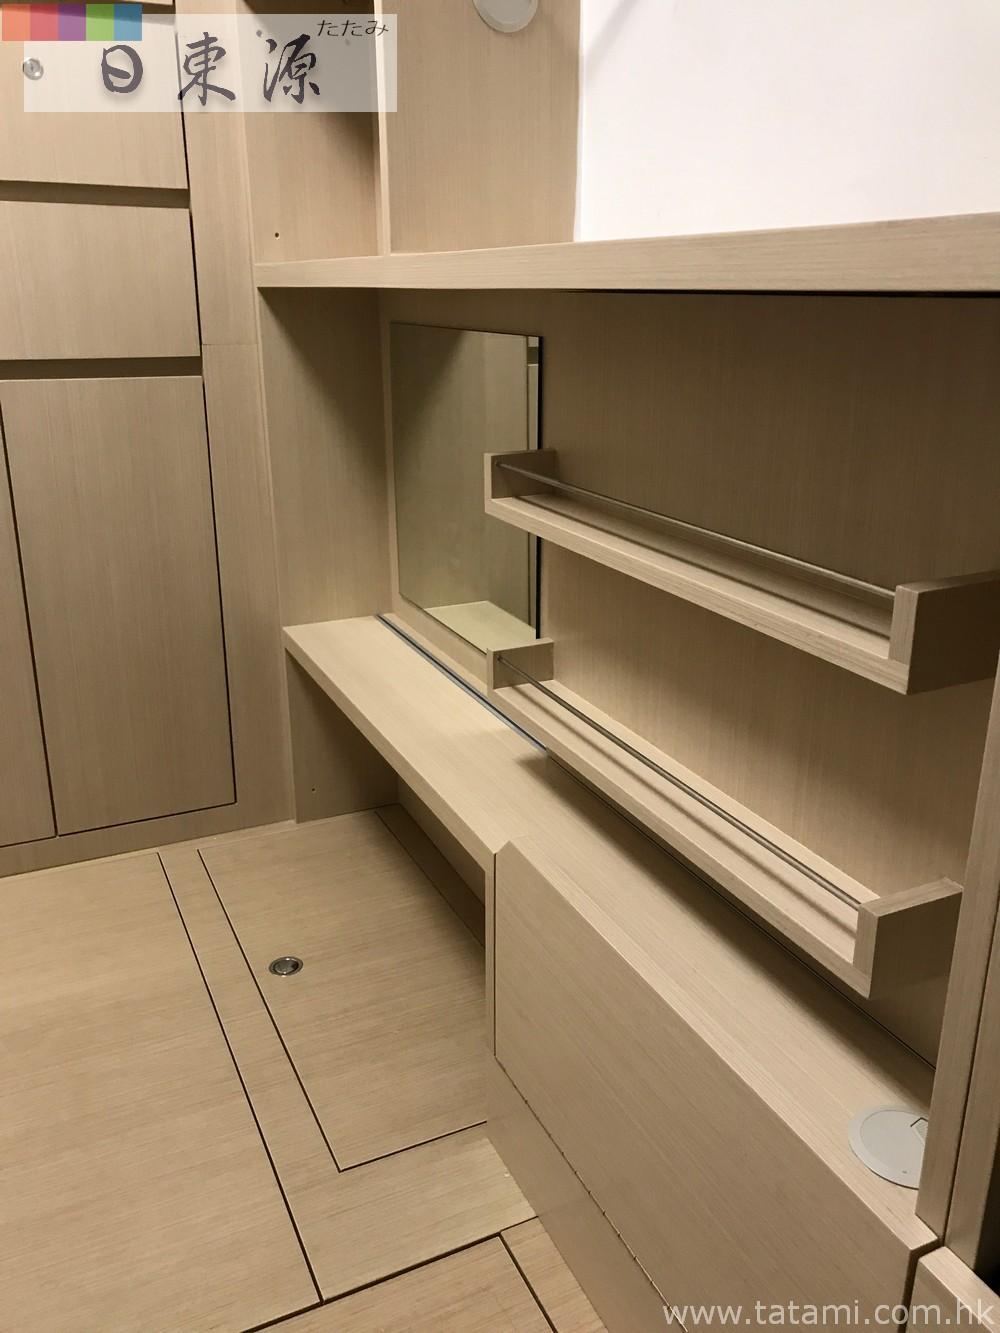 配德国suspa地台门安全铰●实木夹板衣柜●内藏暗格保险箱&